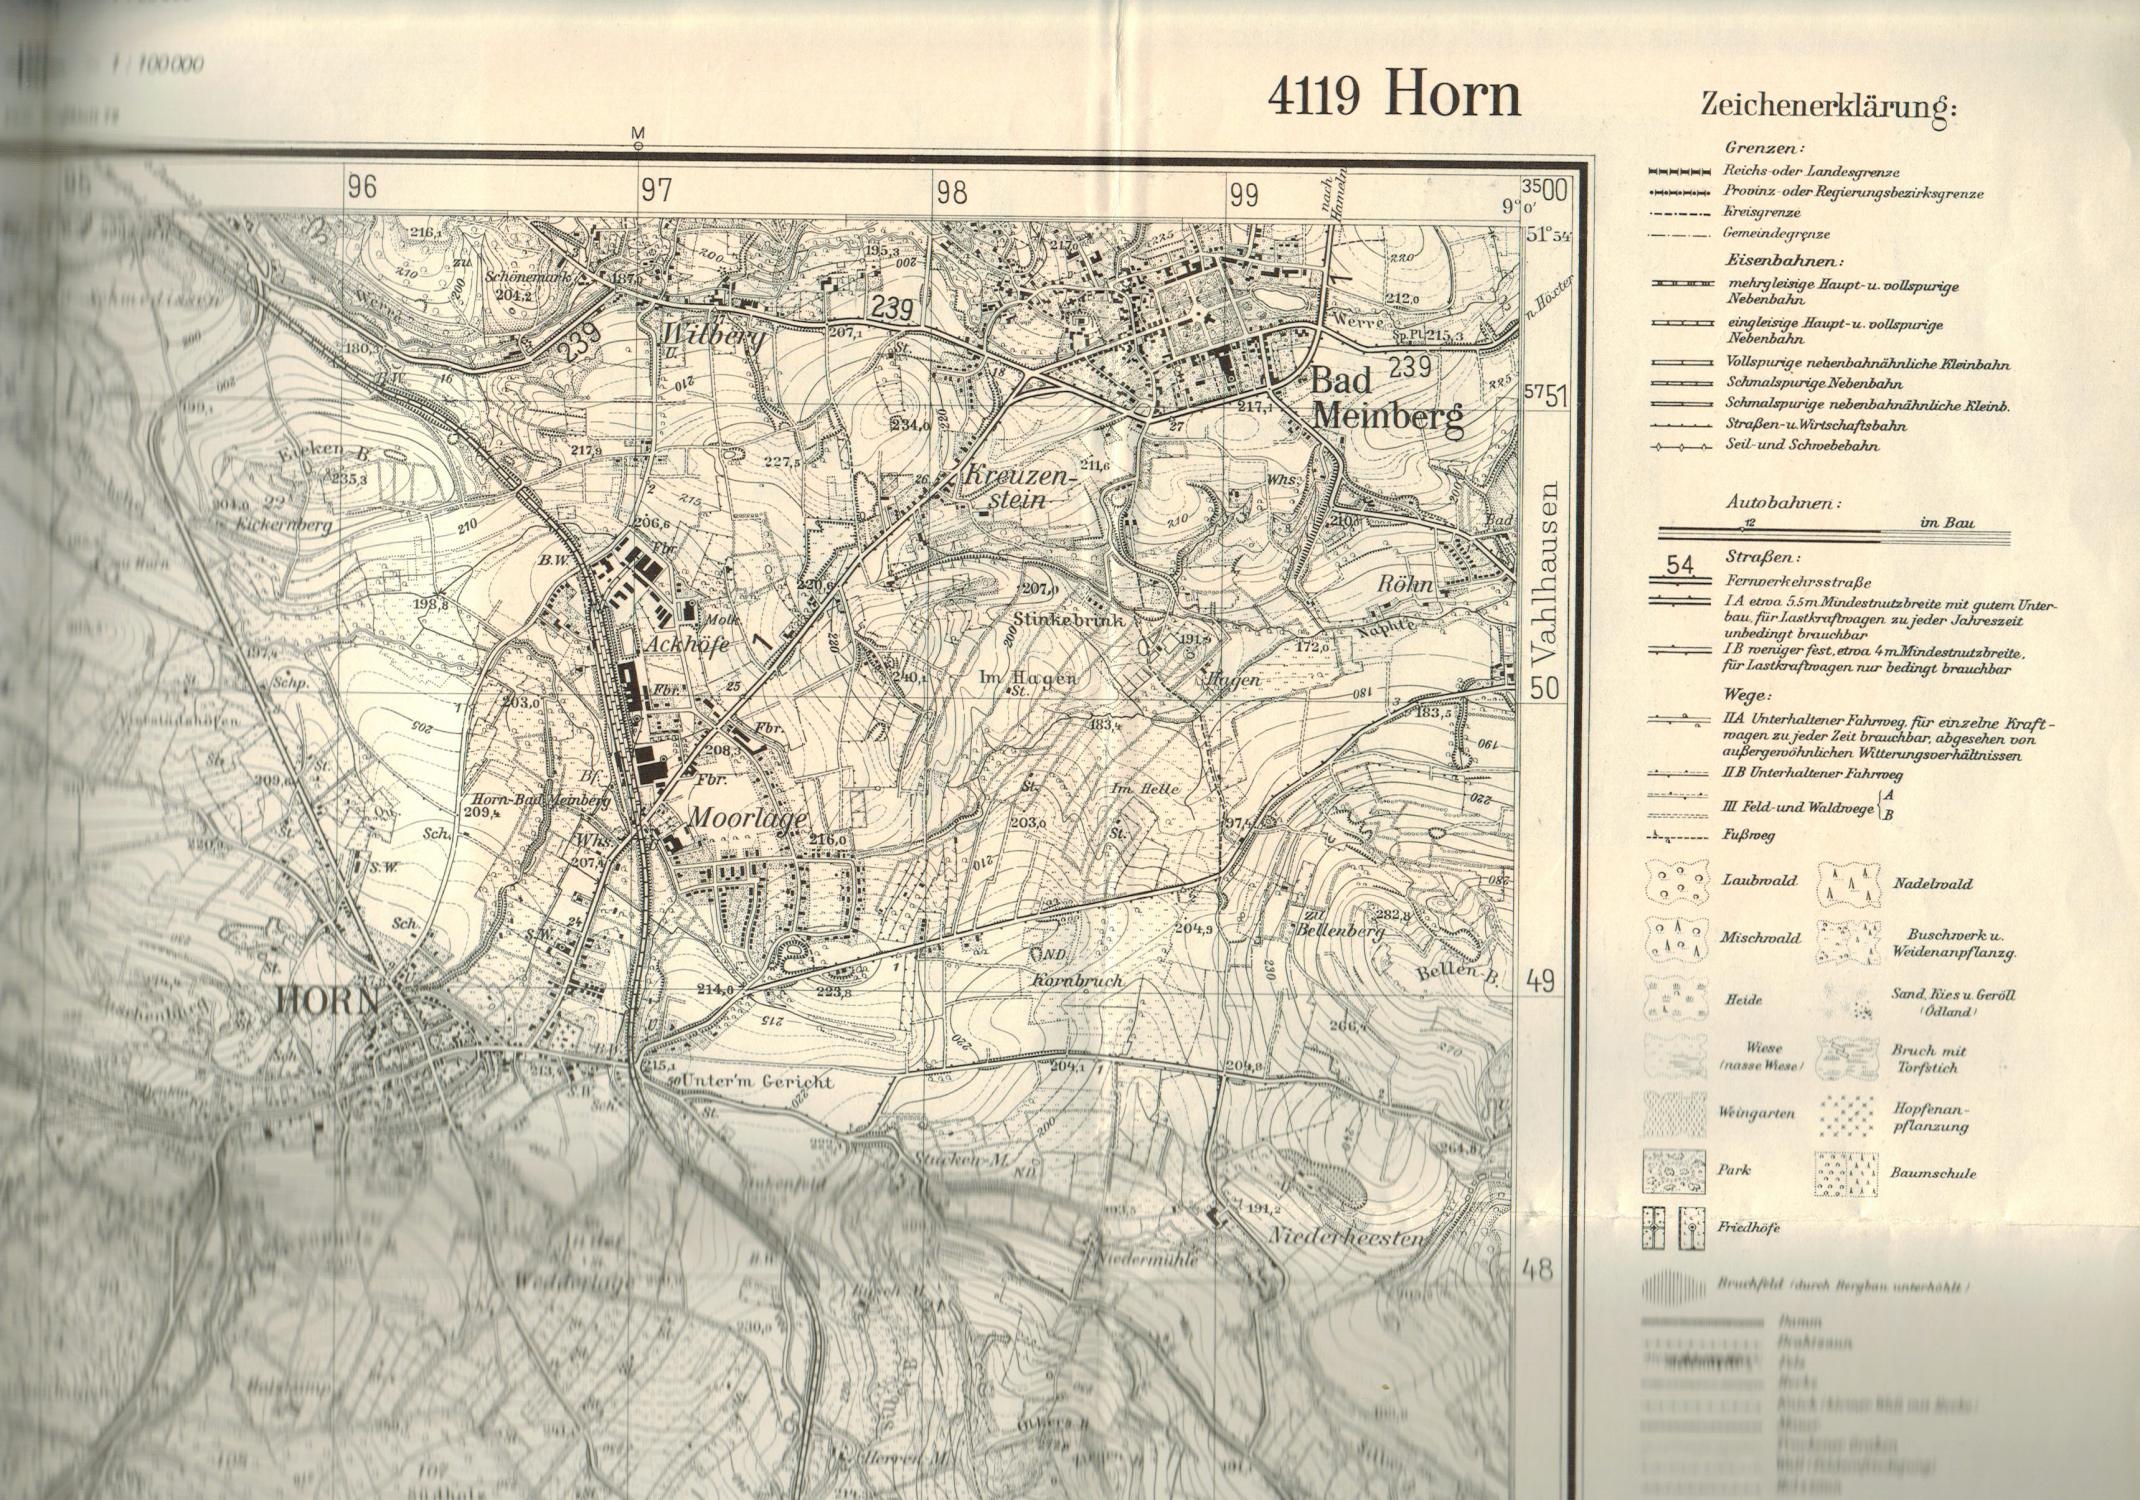 Topographische Karte Nrw.Blatt 4119 Horn Ausgabe 1957 Topographische